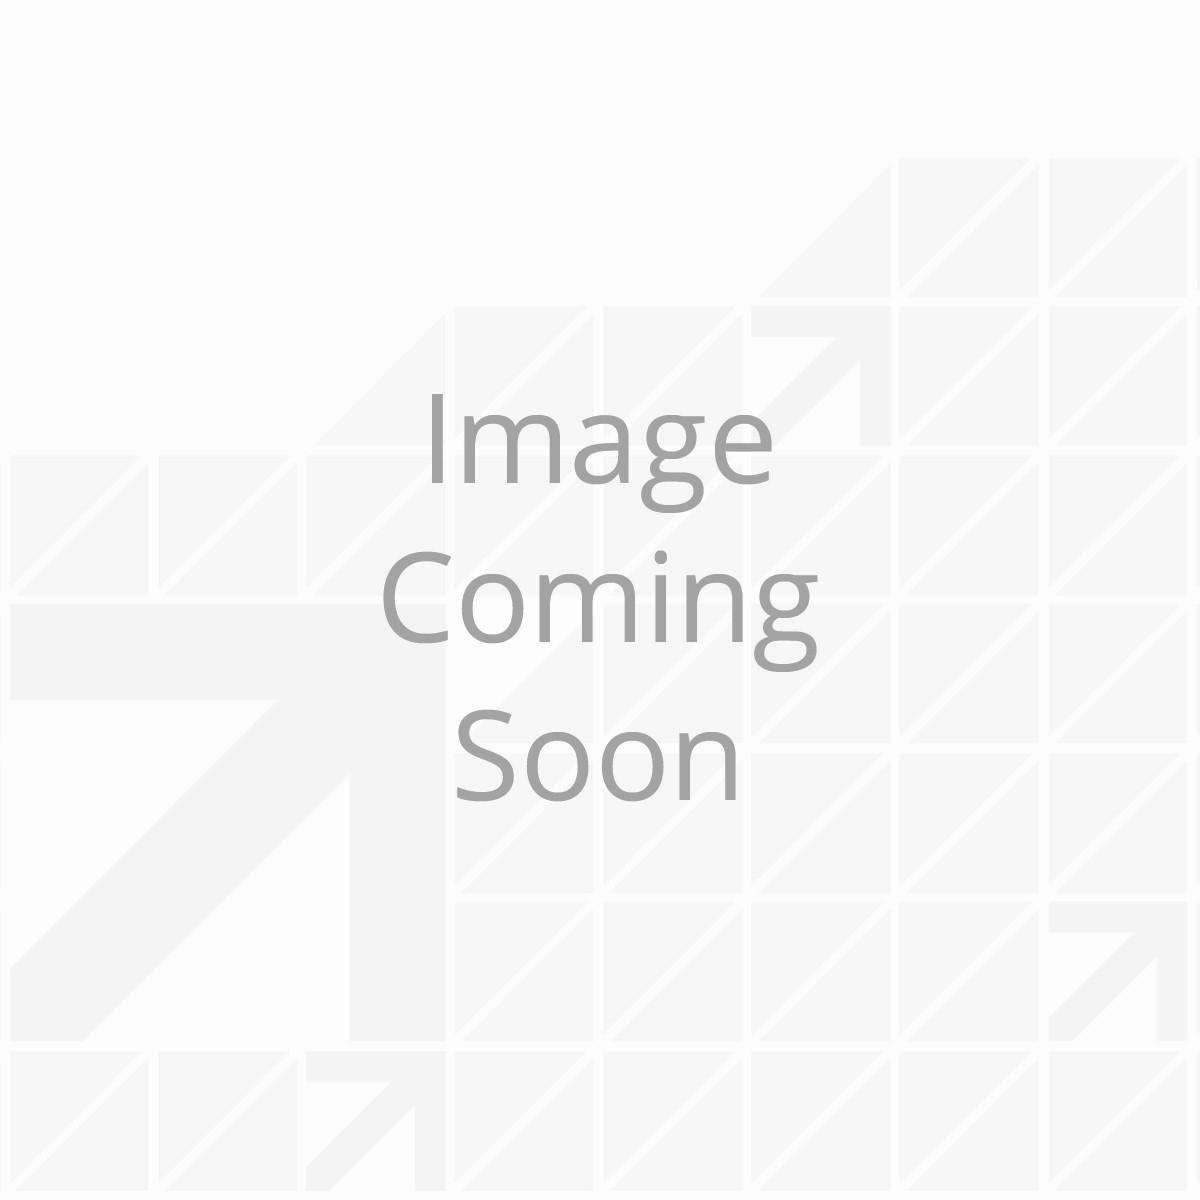 Cartridge Valve Coil Hydac Deutsch Style Connection